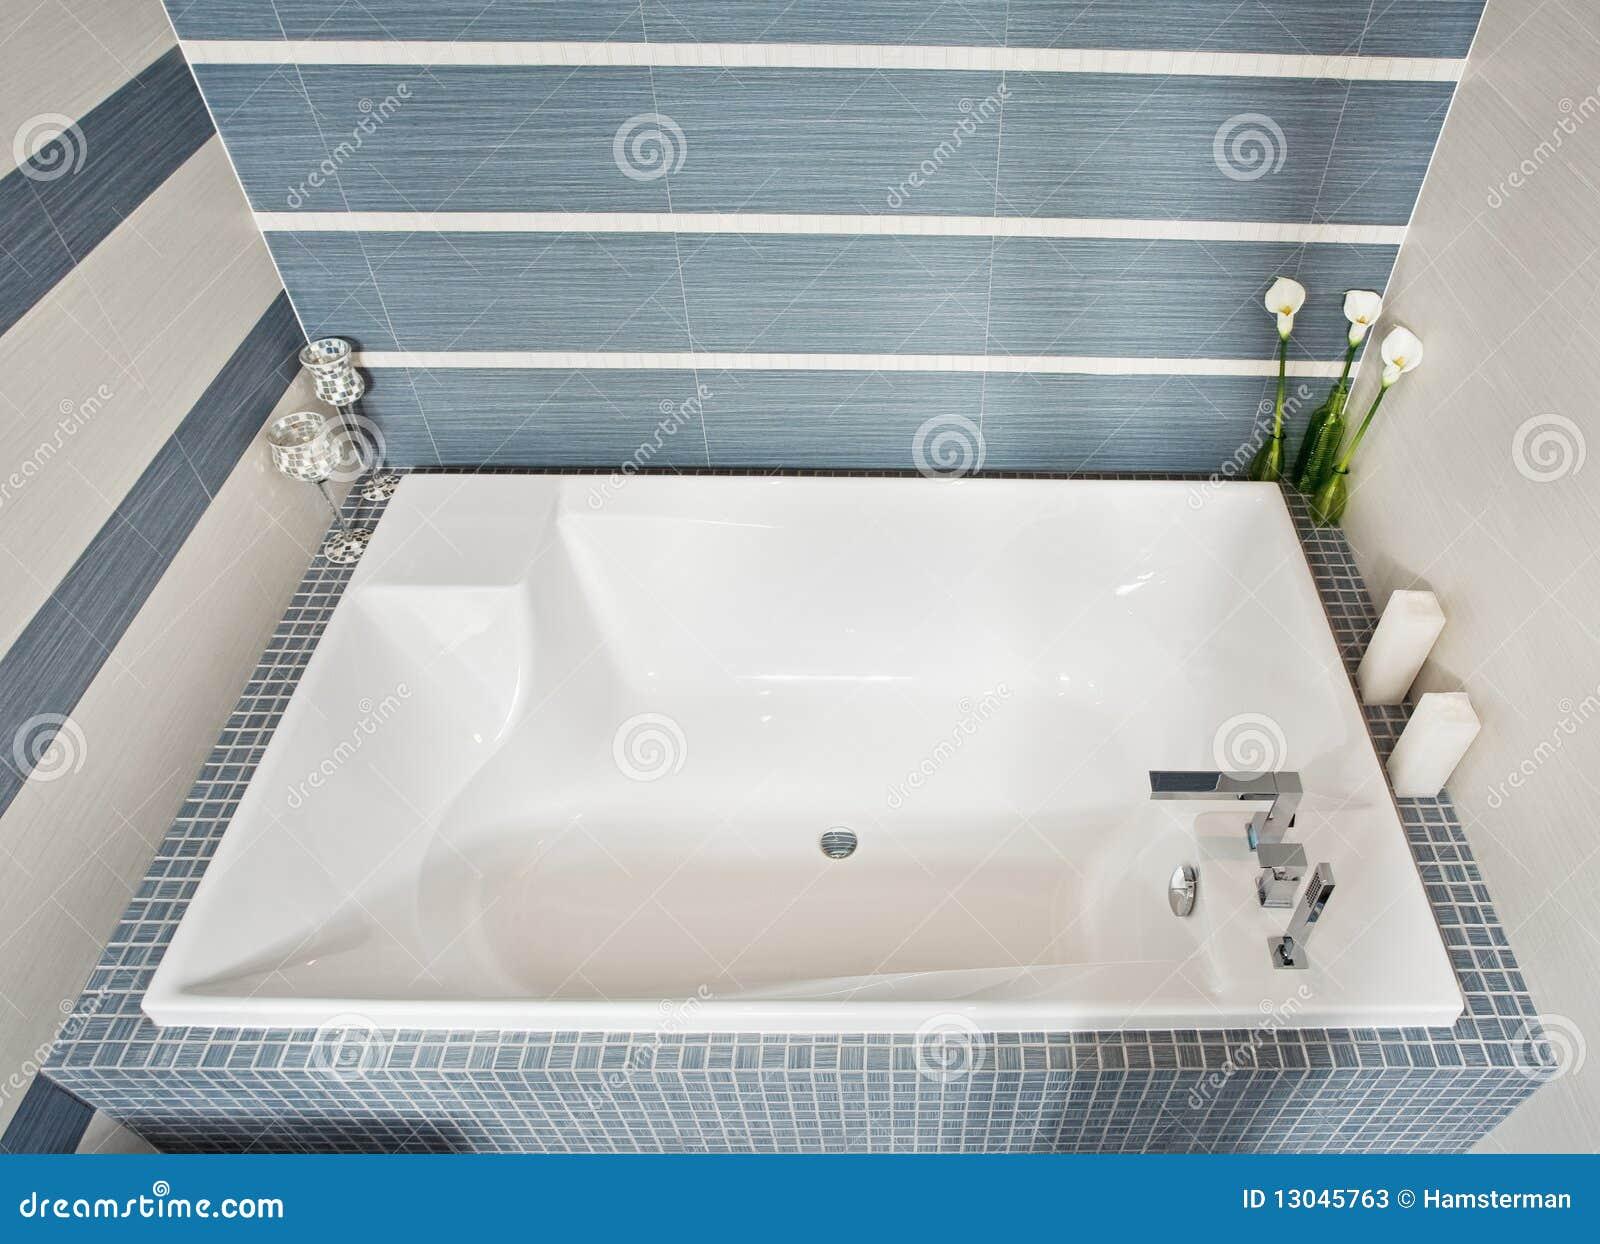 Baño Moderno Con Tina:Cuarto de baño moderno en tonos azules y grises con la tina de baño